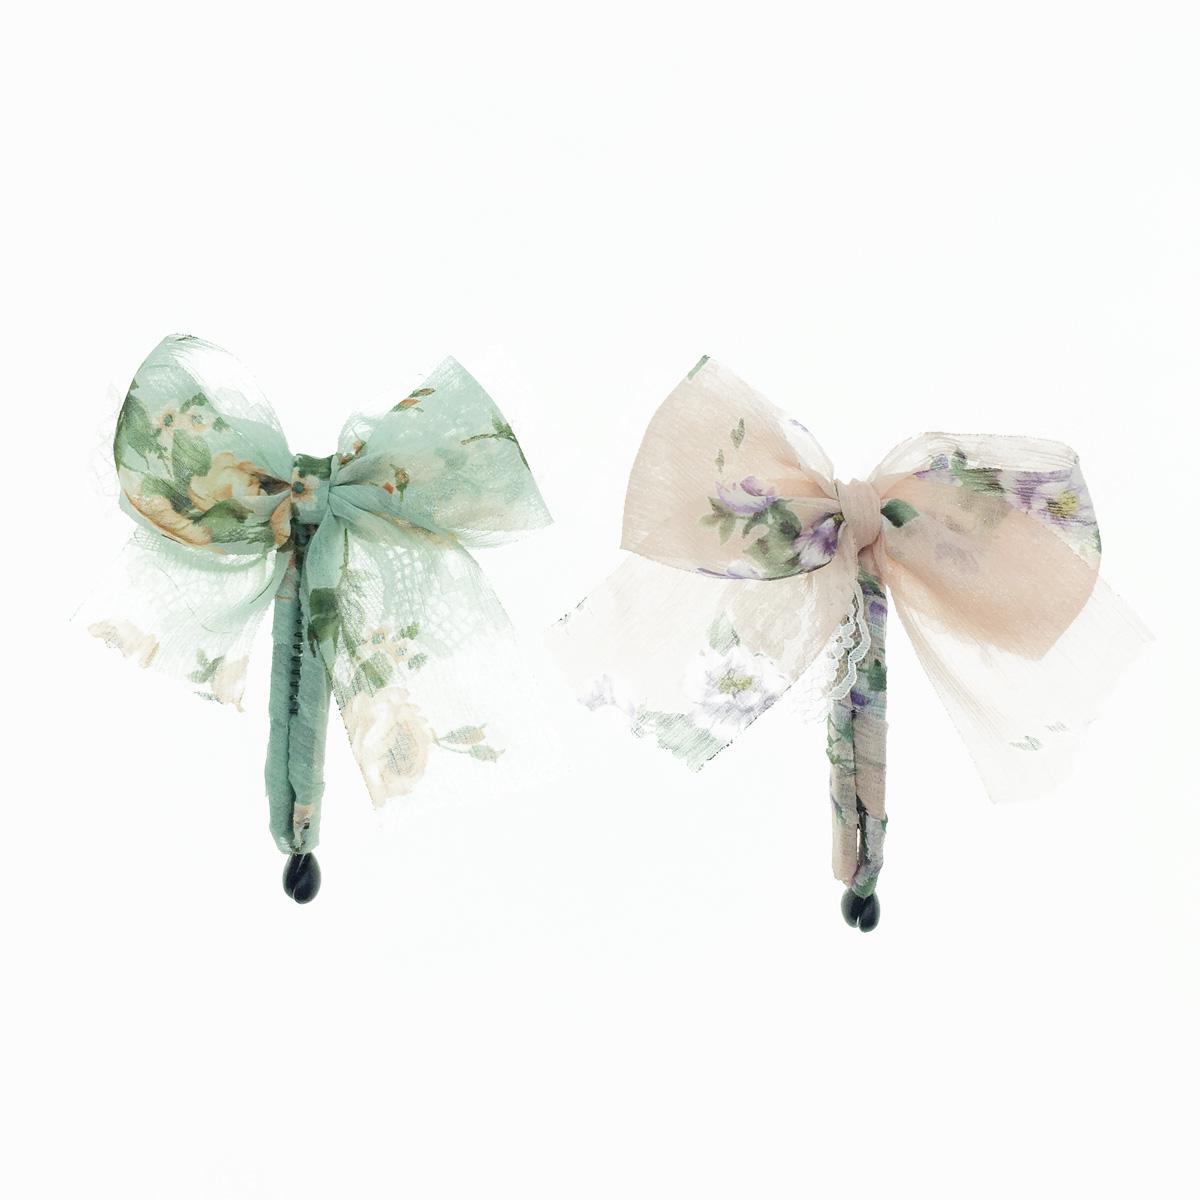 韓國 蝴蝶結 蕾絲 緞帶 碎花 相交夾 髮夾 髮飾